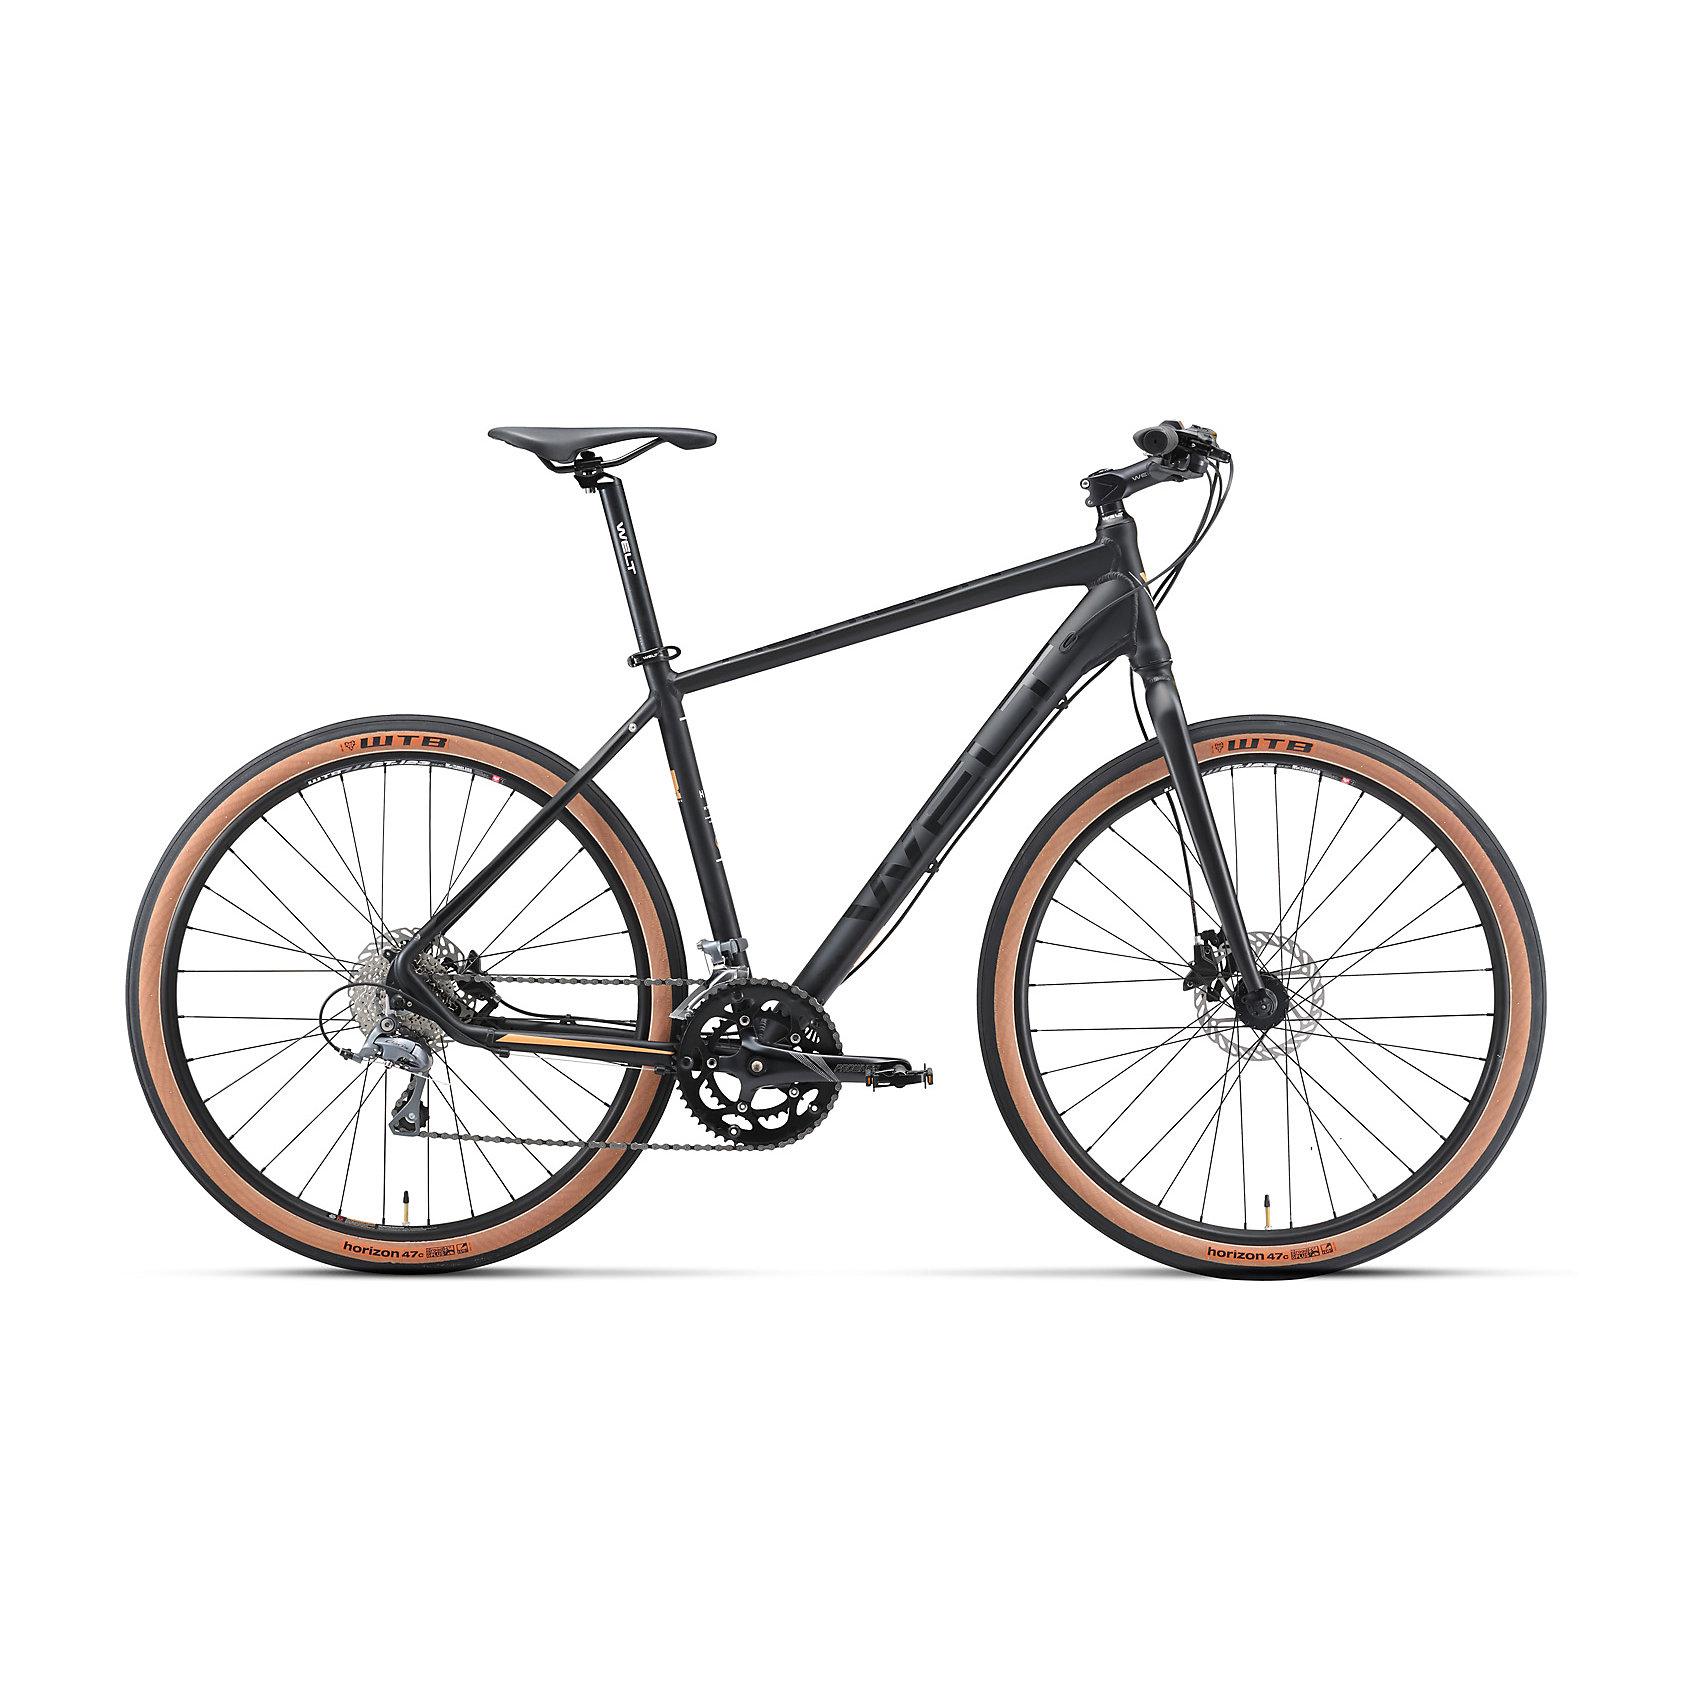 Велосипед  Horizon, черный, WeltВелосипеды детские<br><br><br>Ширина мм: 1450<br>Глубина мм: 200<br>Высота мм: 800<br>Вес г: 16500<br>Возраст от месяцев: 168<br>Возраст до месяцев: 2147483647<br>Пол: Унисекс<br>Возраст: Детский<br>SKU: 5569430